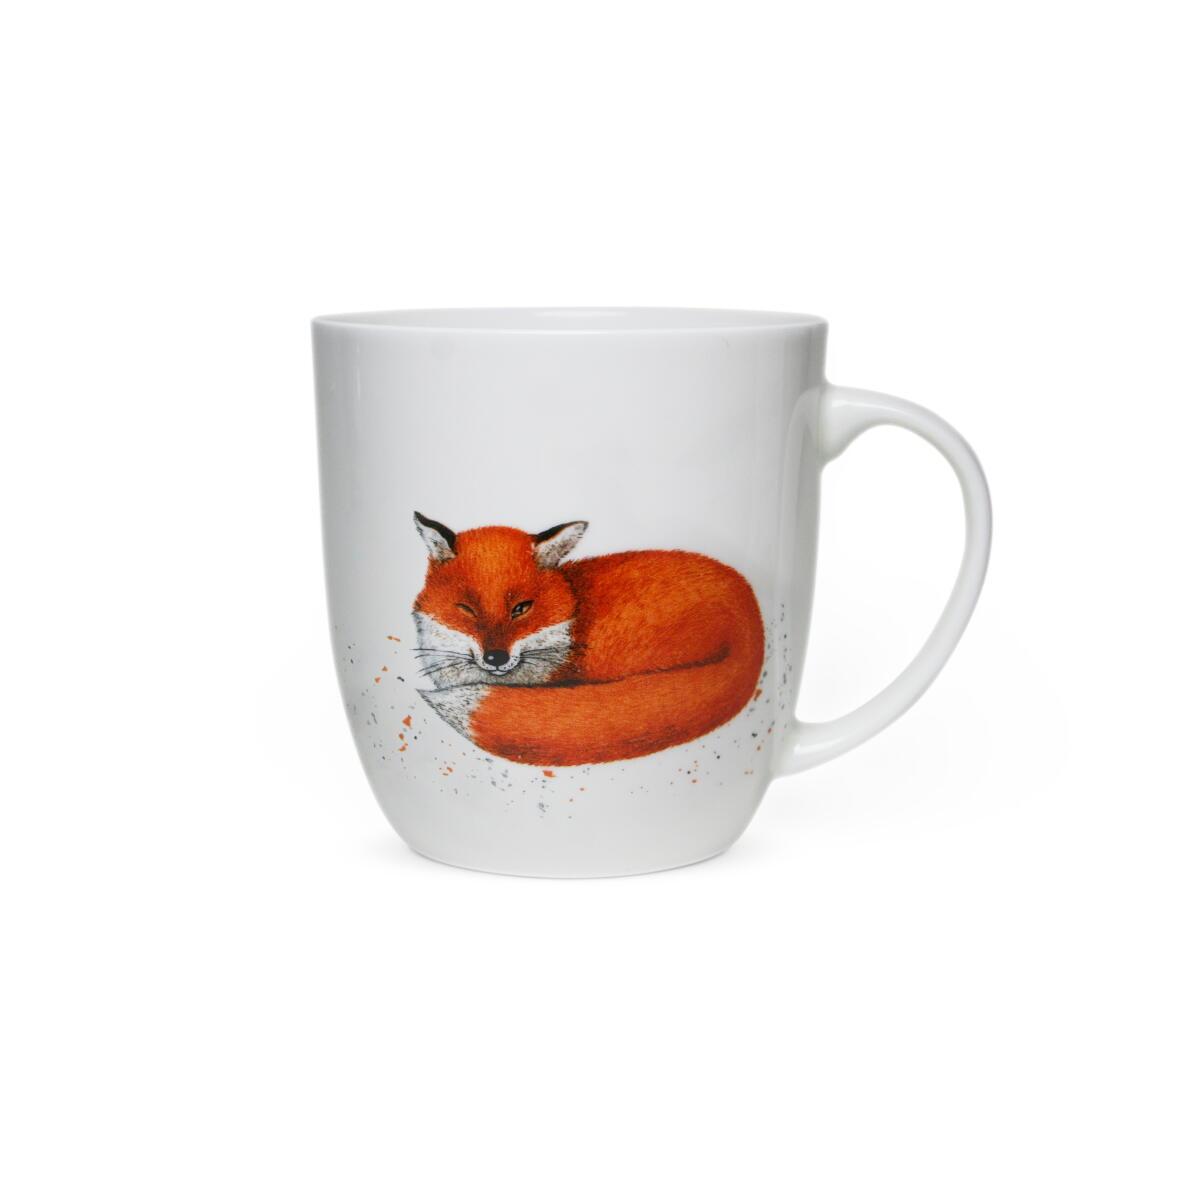 Кружка детская Priority KPC-766 Наглая рыжая морда посуда и инвентарь priority кружка кот матис счастье есть в подарочной коробке 380 мл